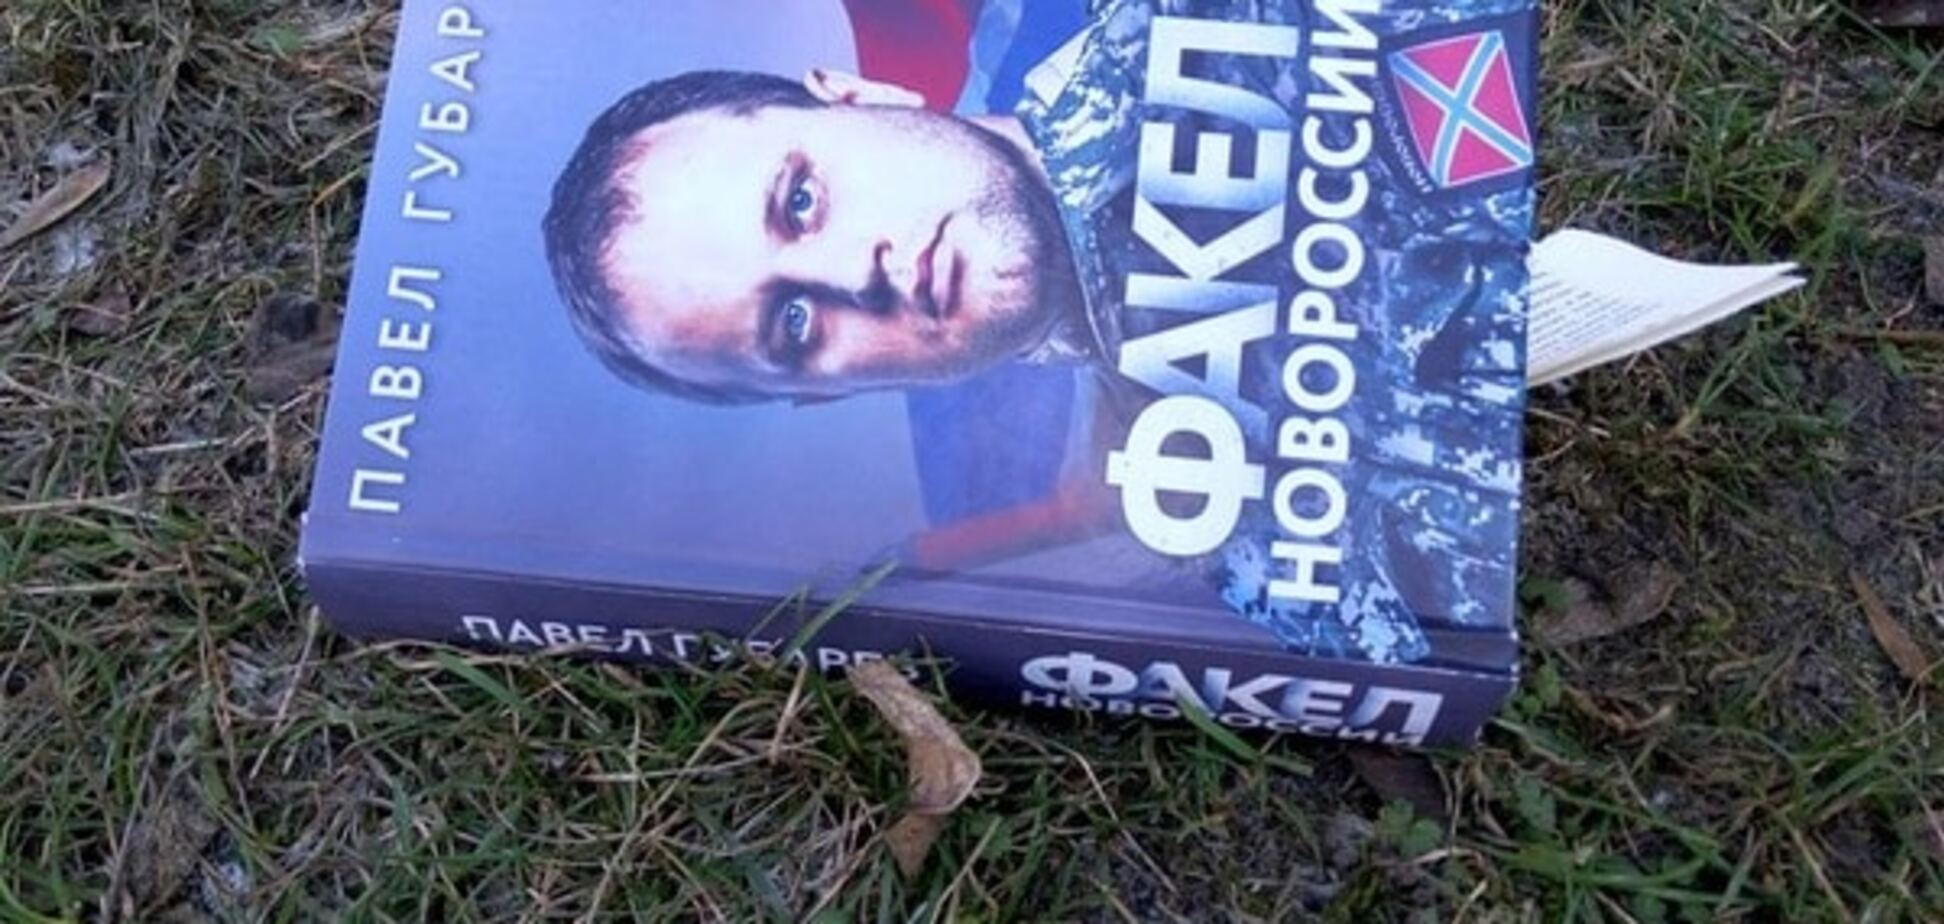 Справа 'з душком': у 'ДНР' використовували книгу Губарєва за прямим призначенням. Фоторепортаж